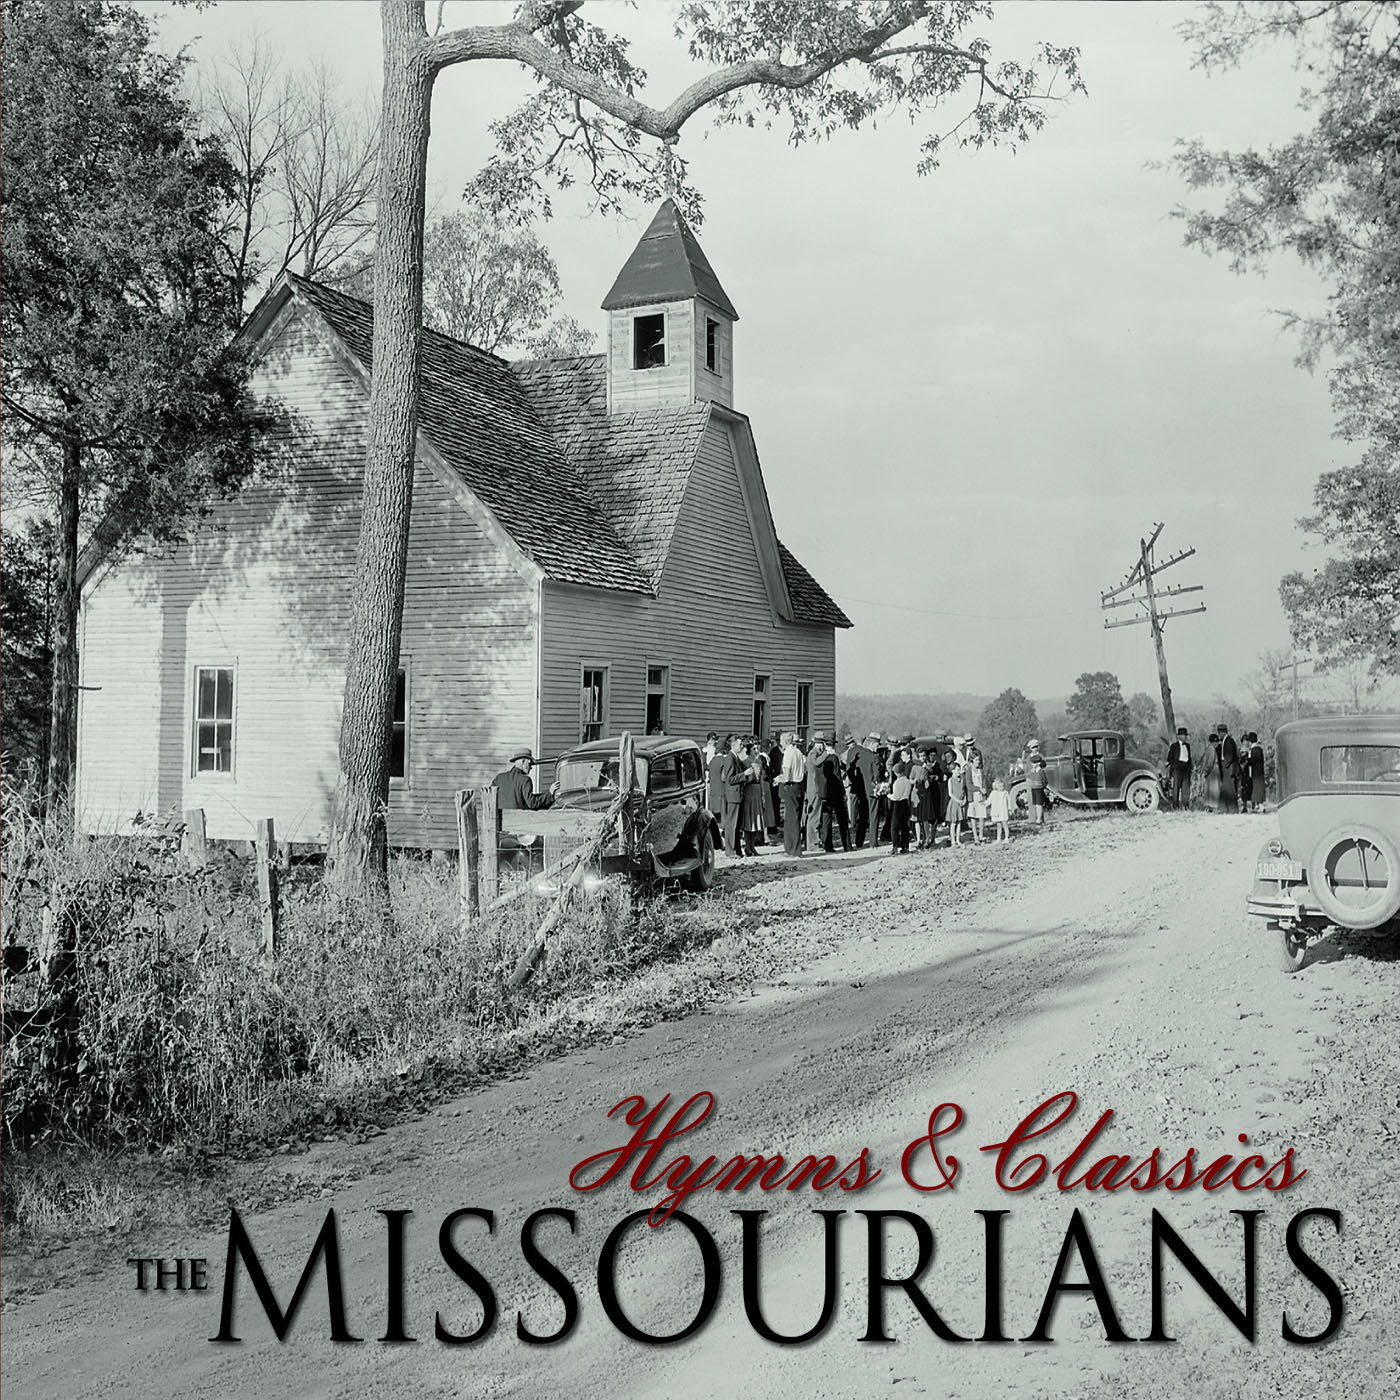 Hymns & Classics 88295 56513